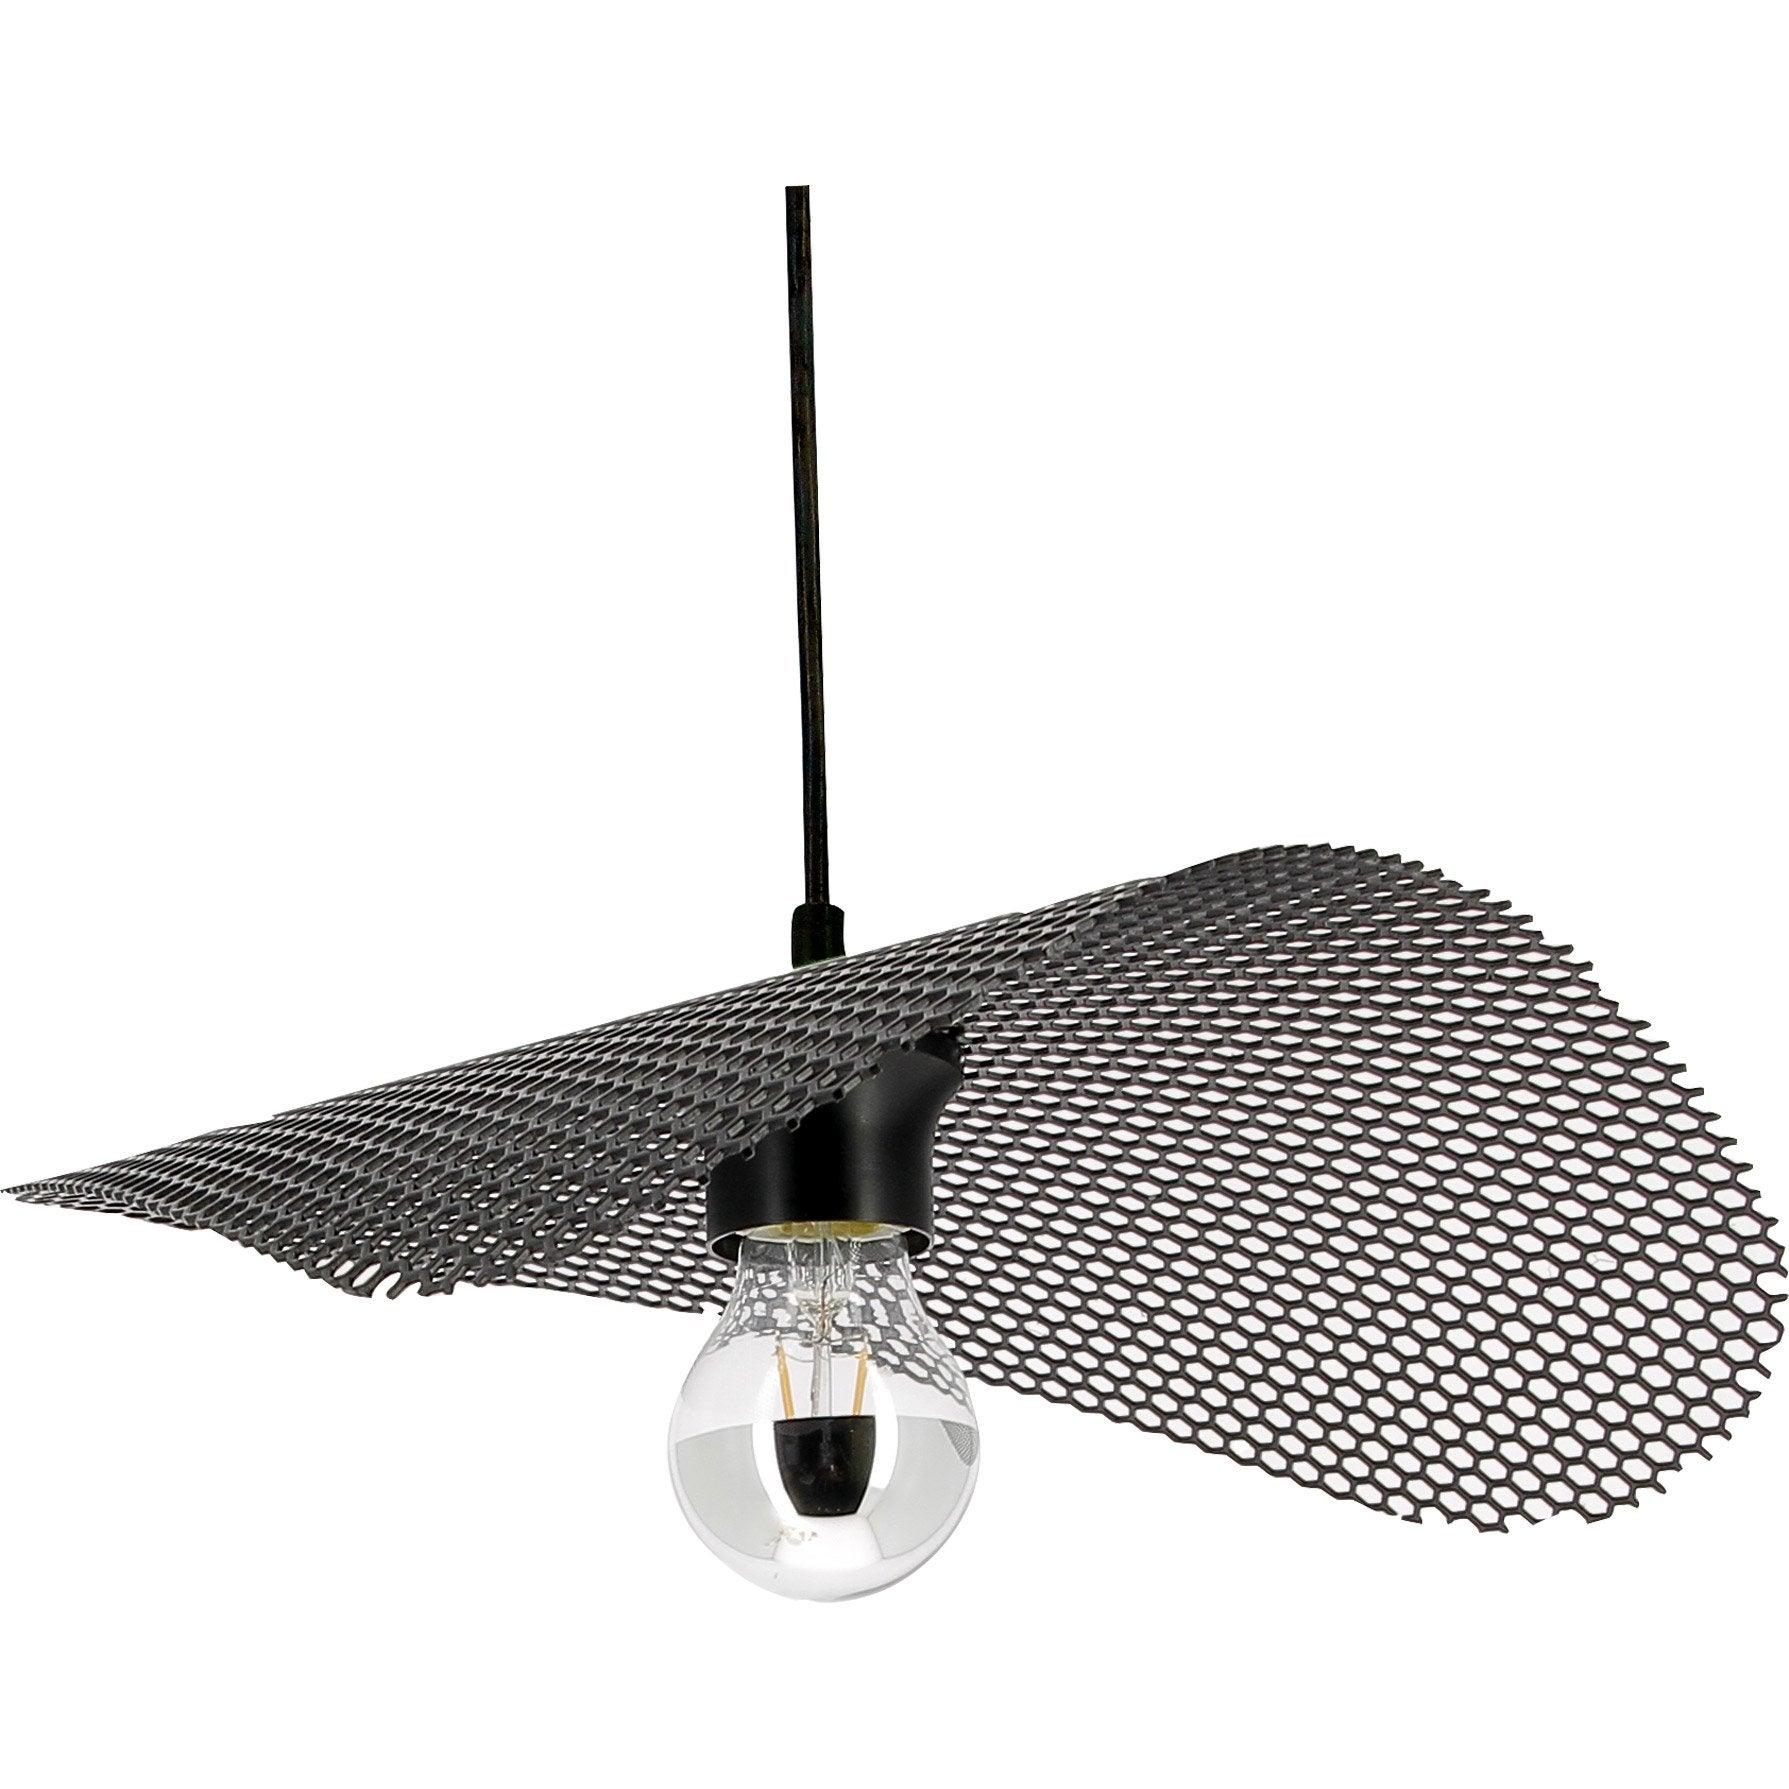 Voile Lumière Metropolight Cm Métal Noir sD 35 SuspensionDesign 1 Rj4qcS35AL